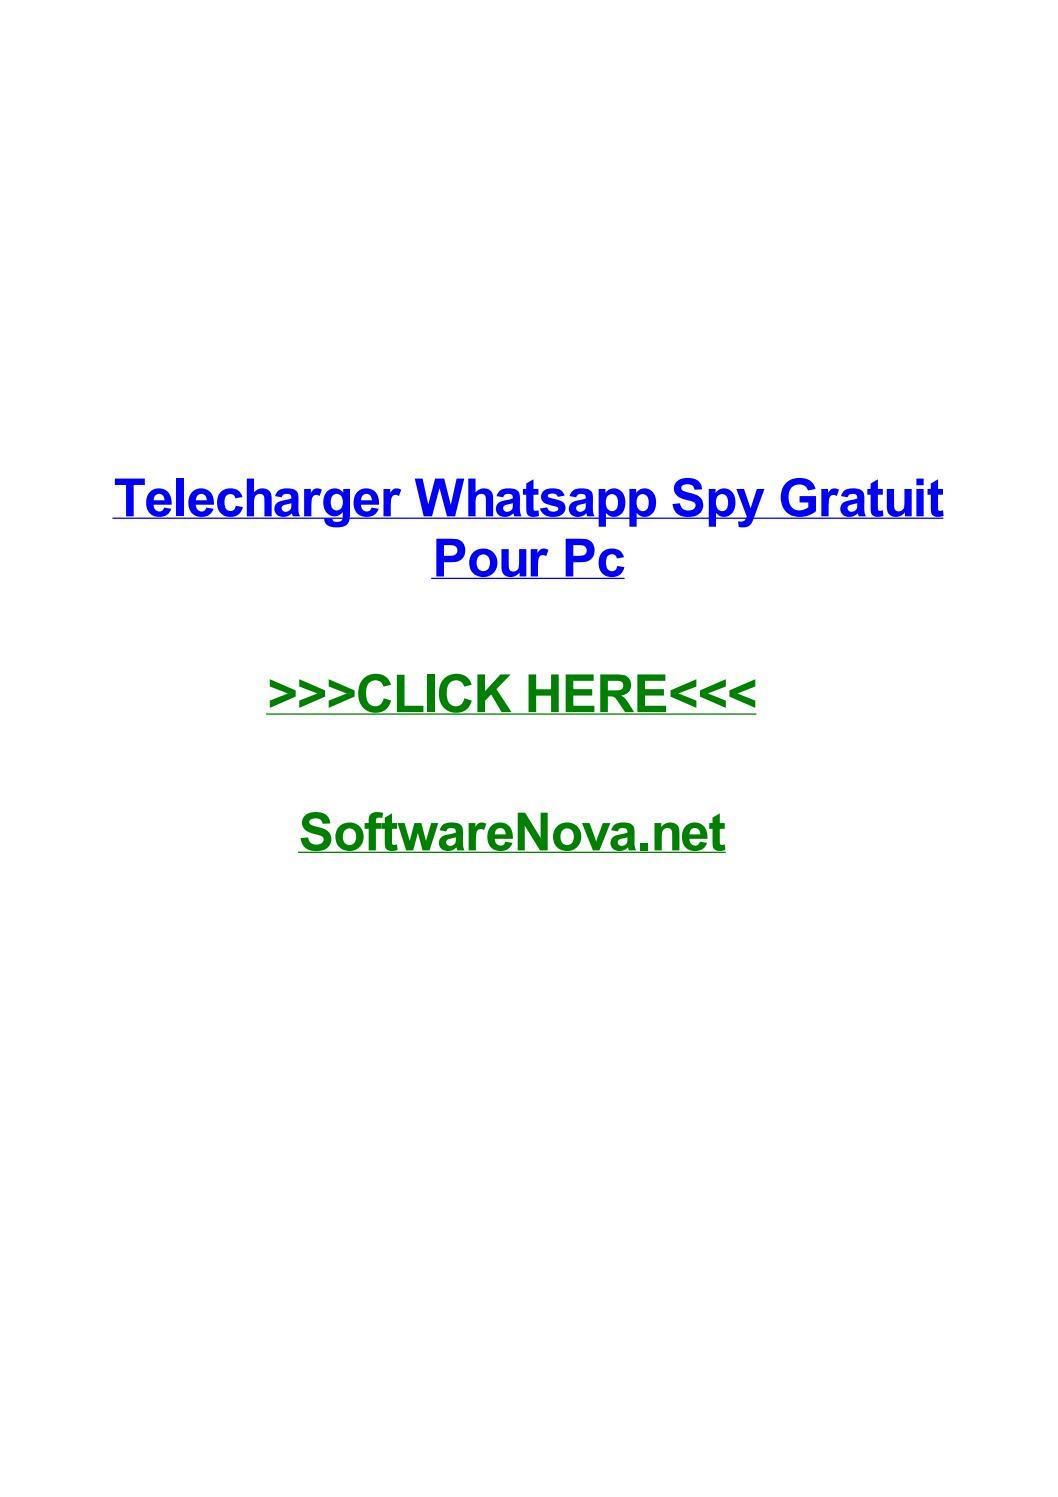 CLUBIC GRATUITEMENT 007 SPY SOFTWARE TÉLÉCHARGER